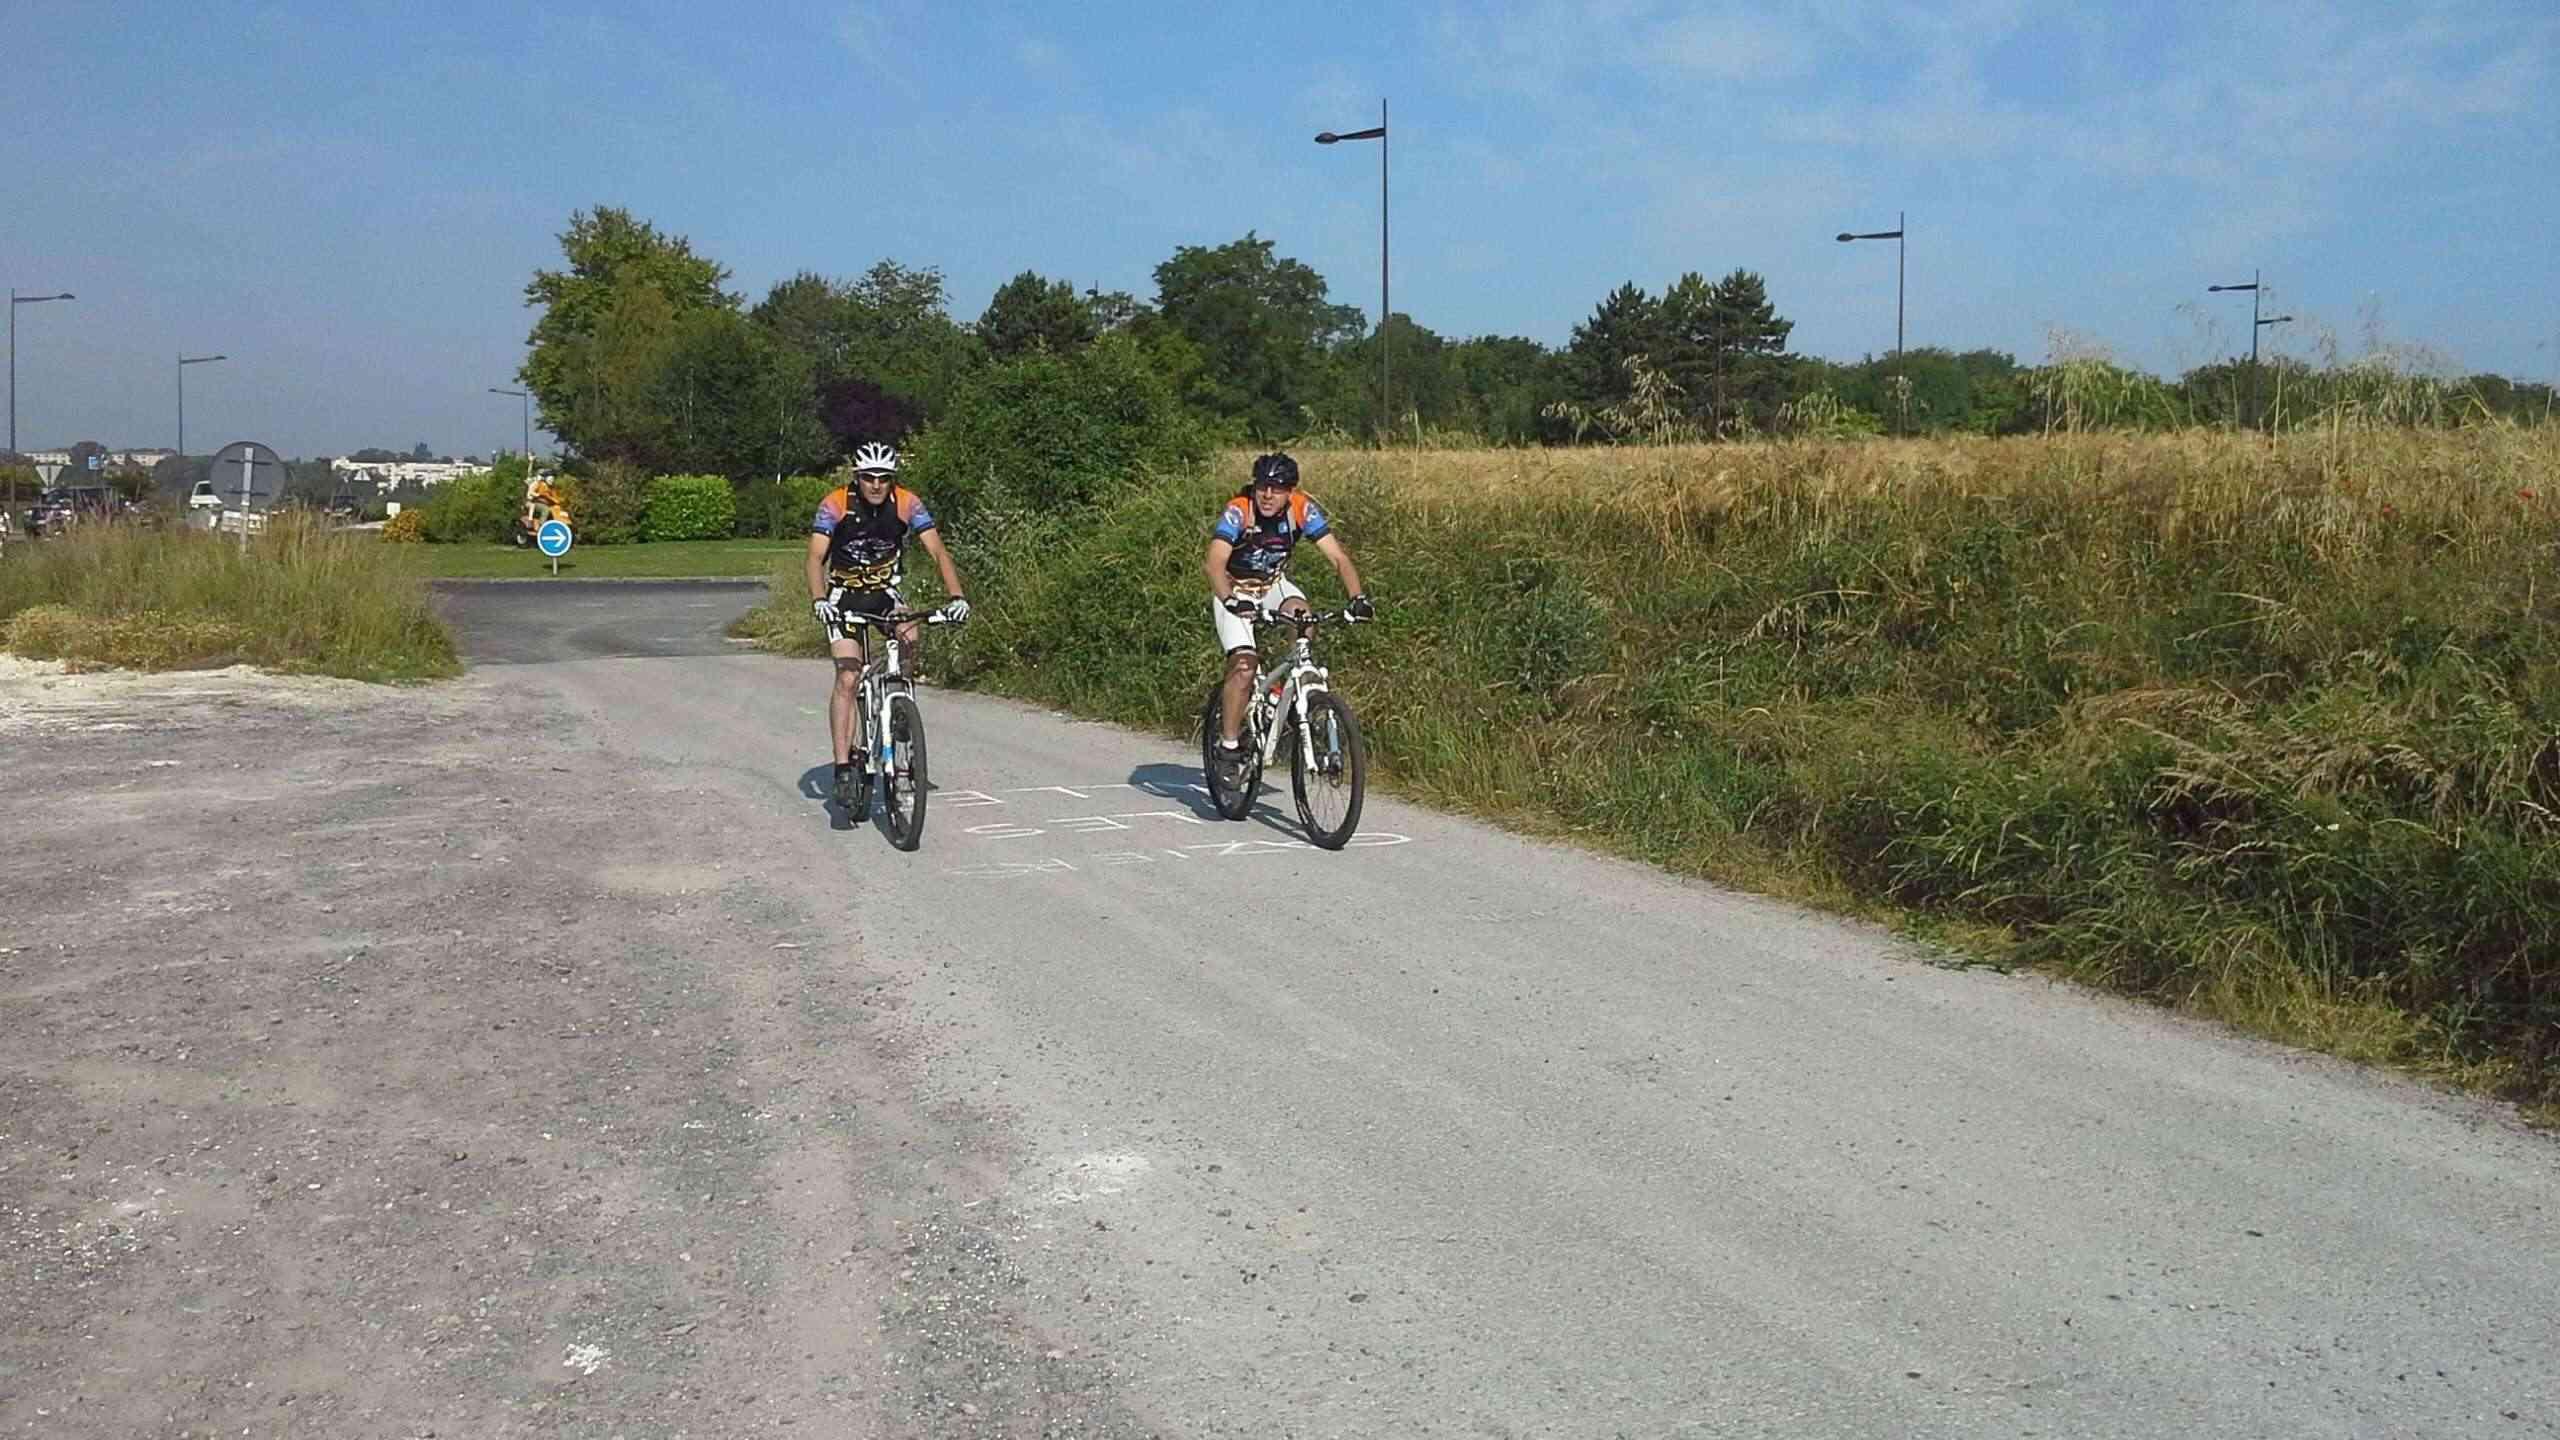 St Quentin fête du vélo 22/06/14 - Page 2 20140633